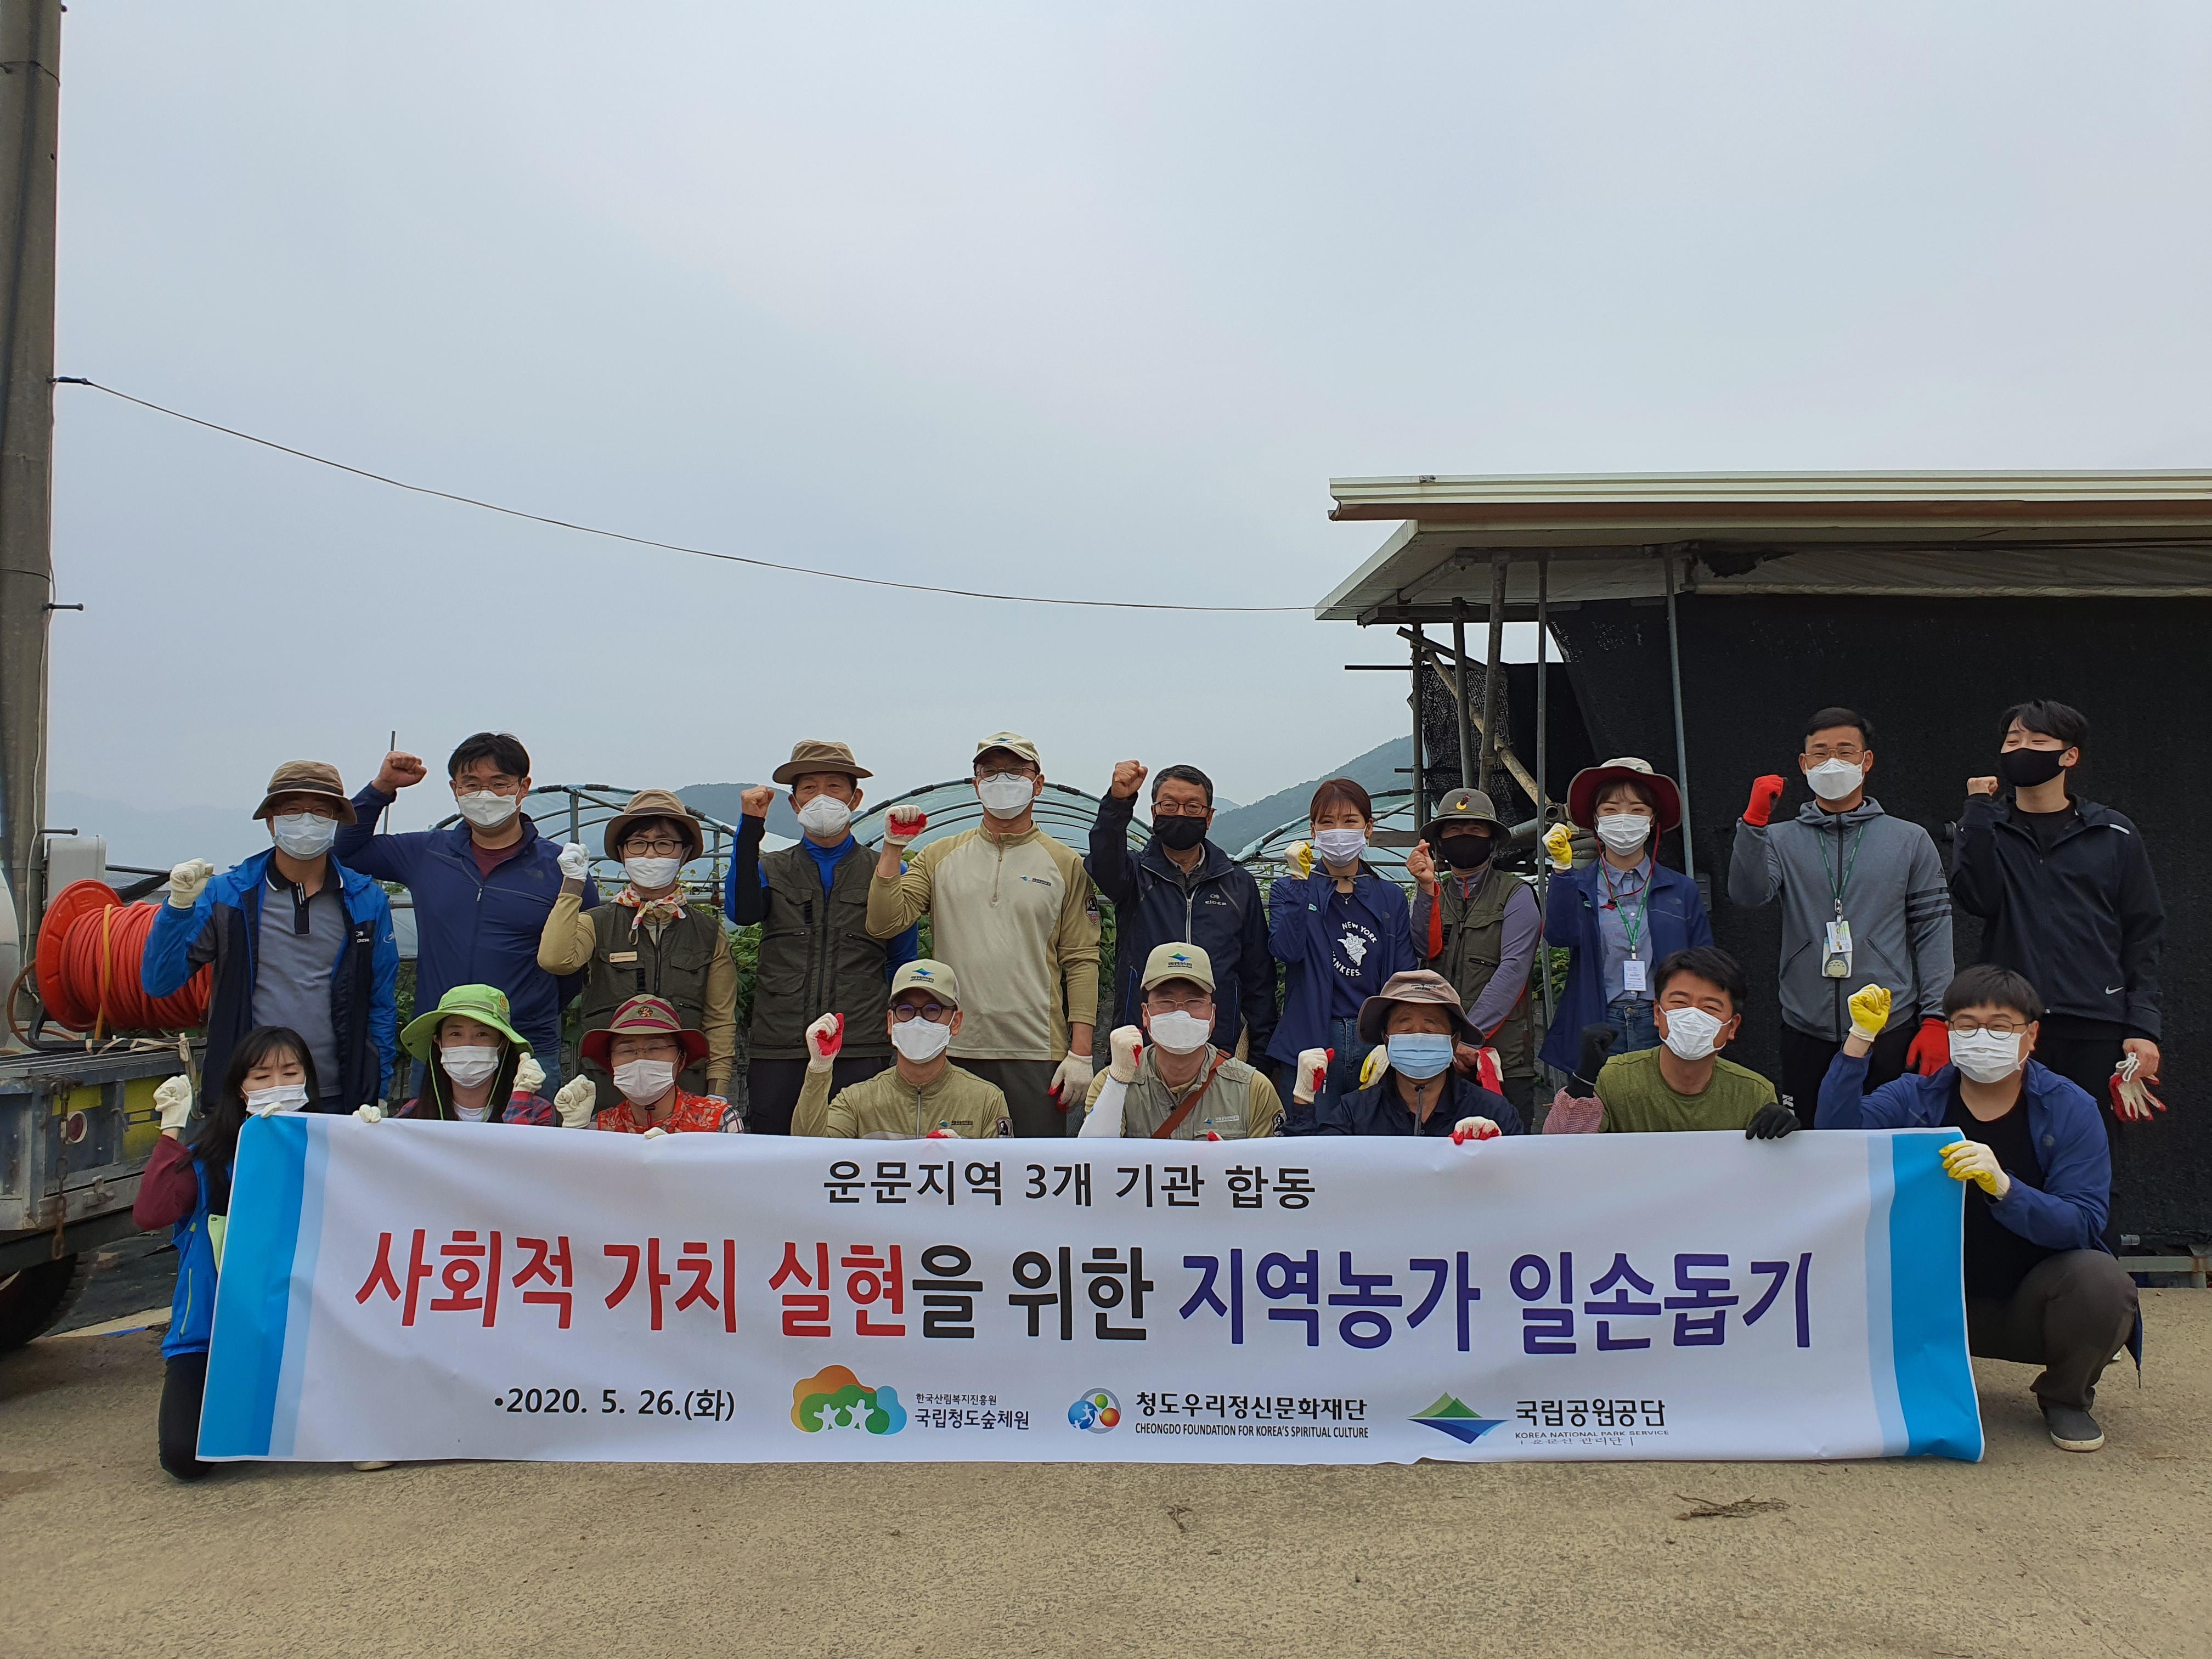 청도 운문지역, 유기관 사회적 가치실현 농촌 일손돕기 나서